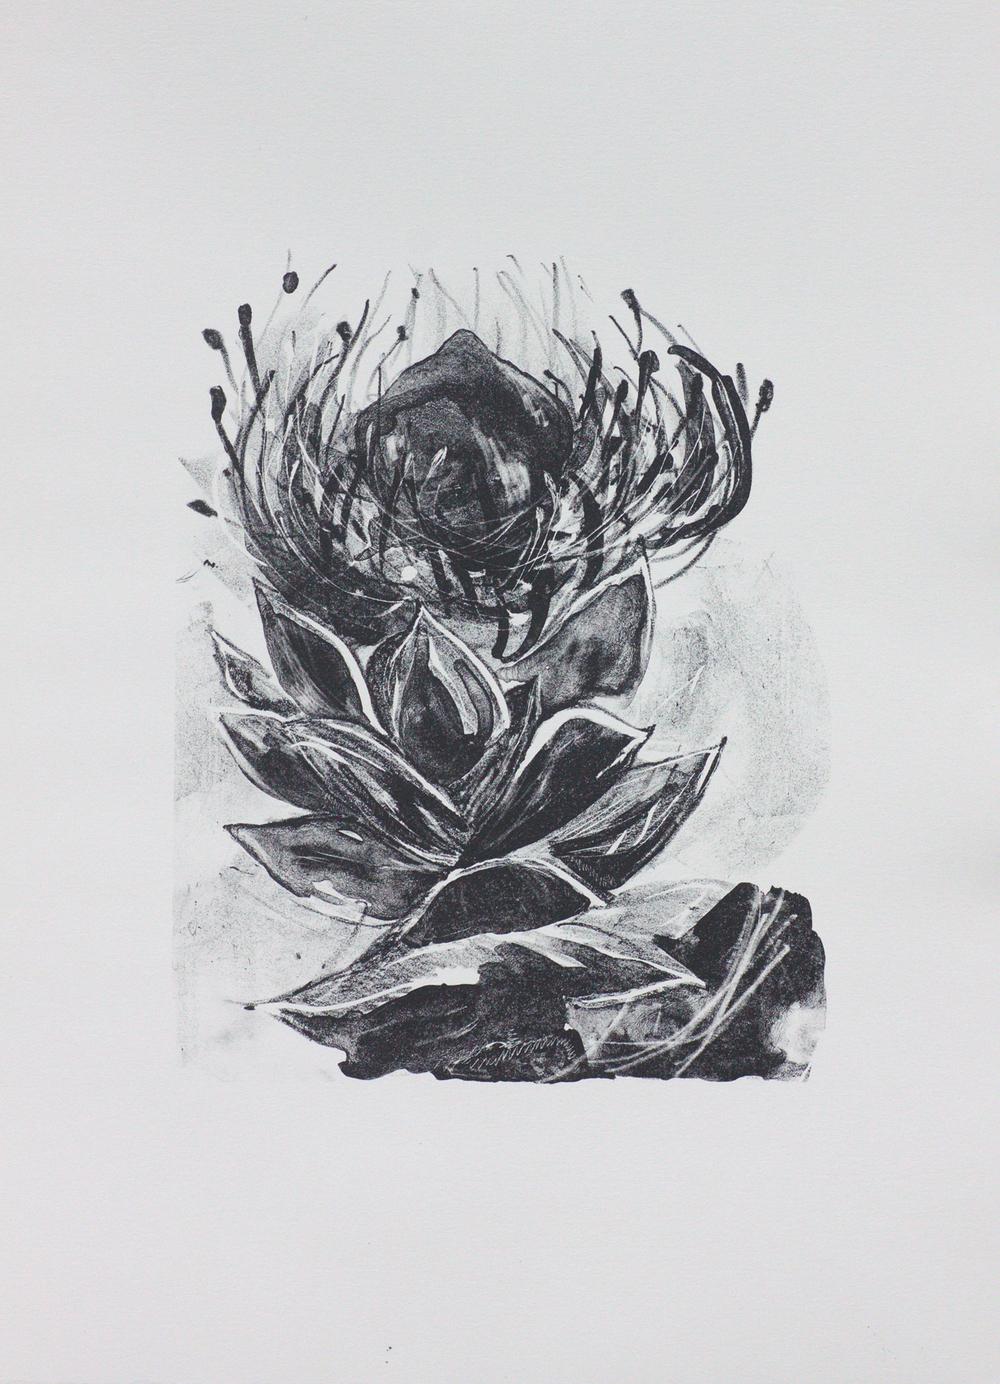 Proteaceae - Pincushion   Lithograph. 2016  35 x 25cm  $500 (F)  $300 (UF)